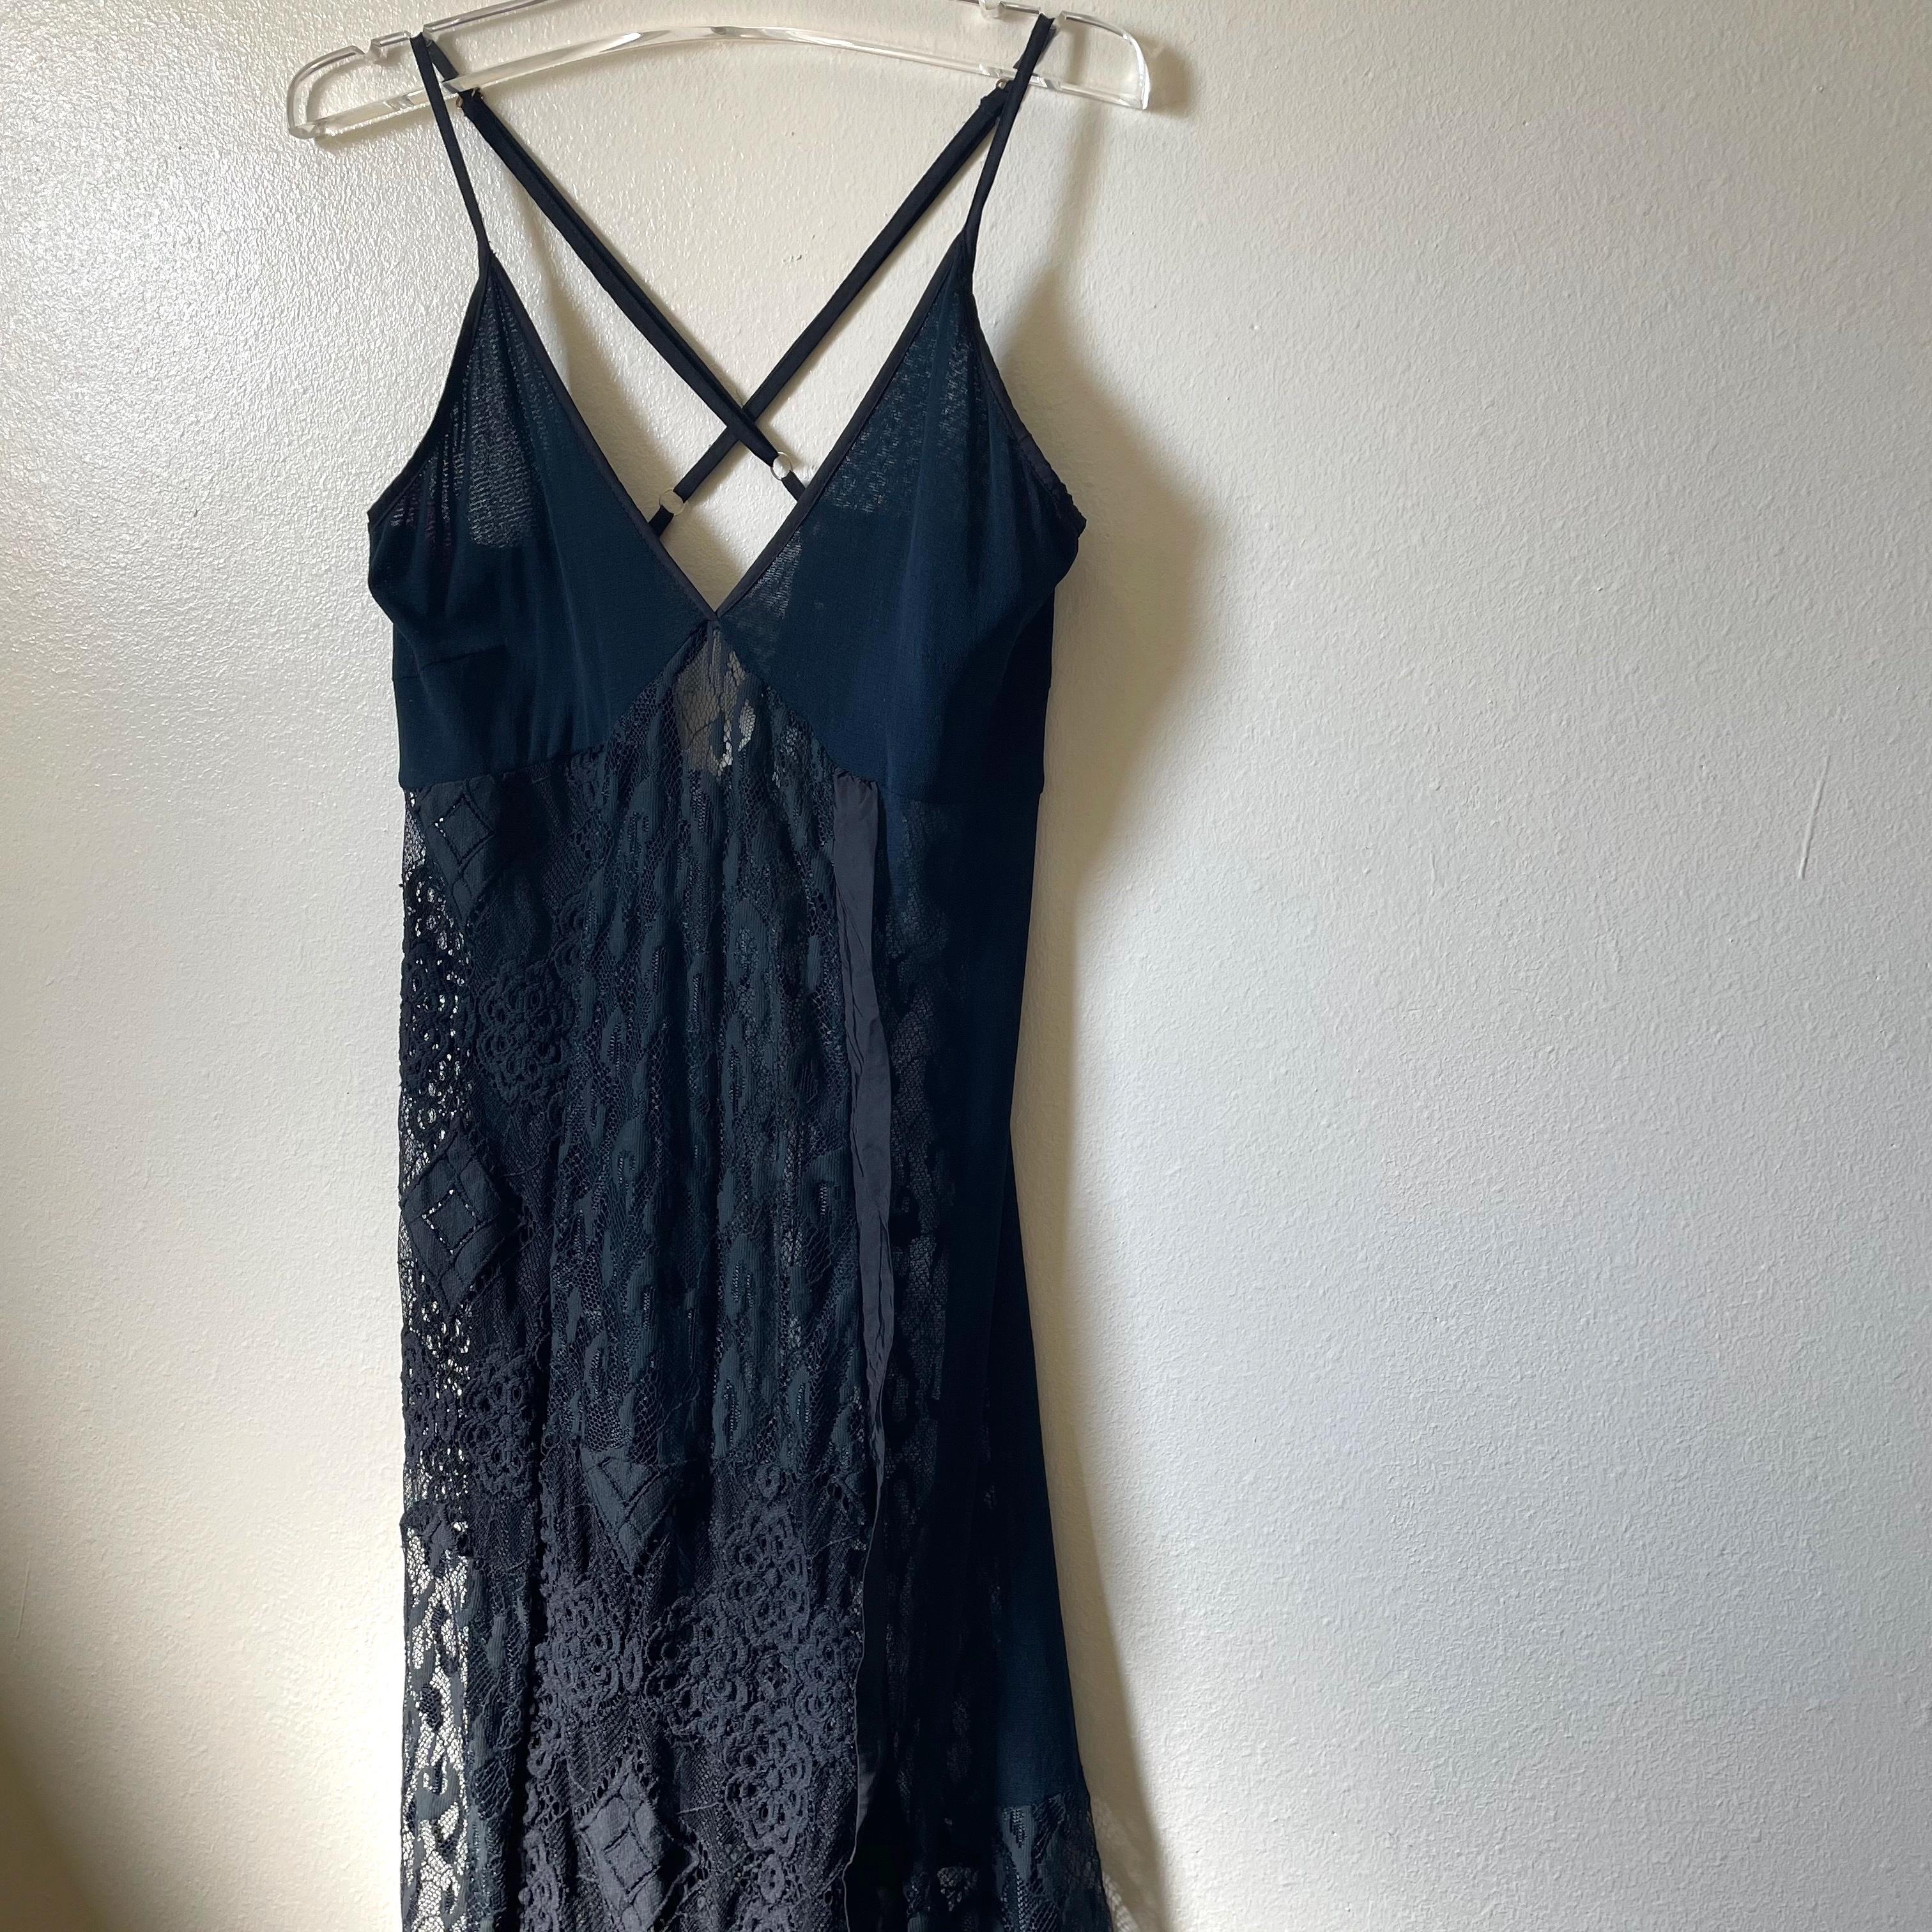 【RehersalL】lace camisole dress (black)/【リハーズオール】レース キャミソール ドレス(ブラック)